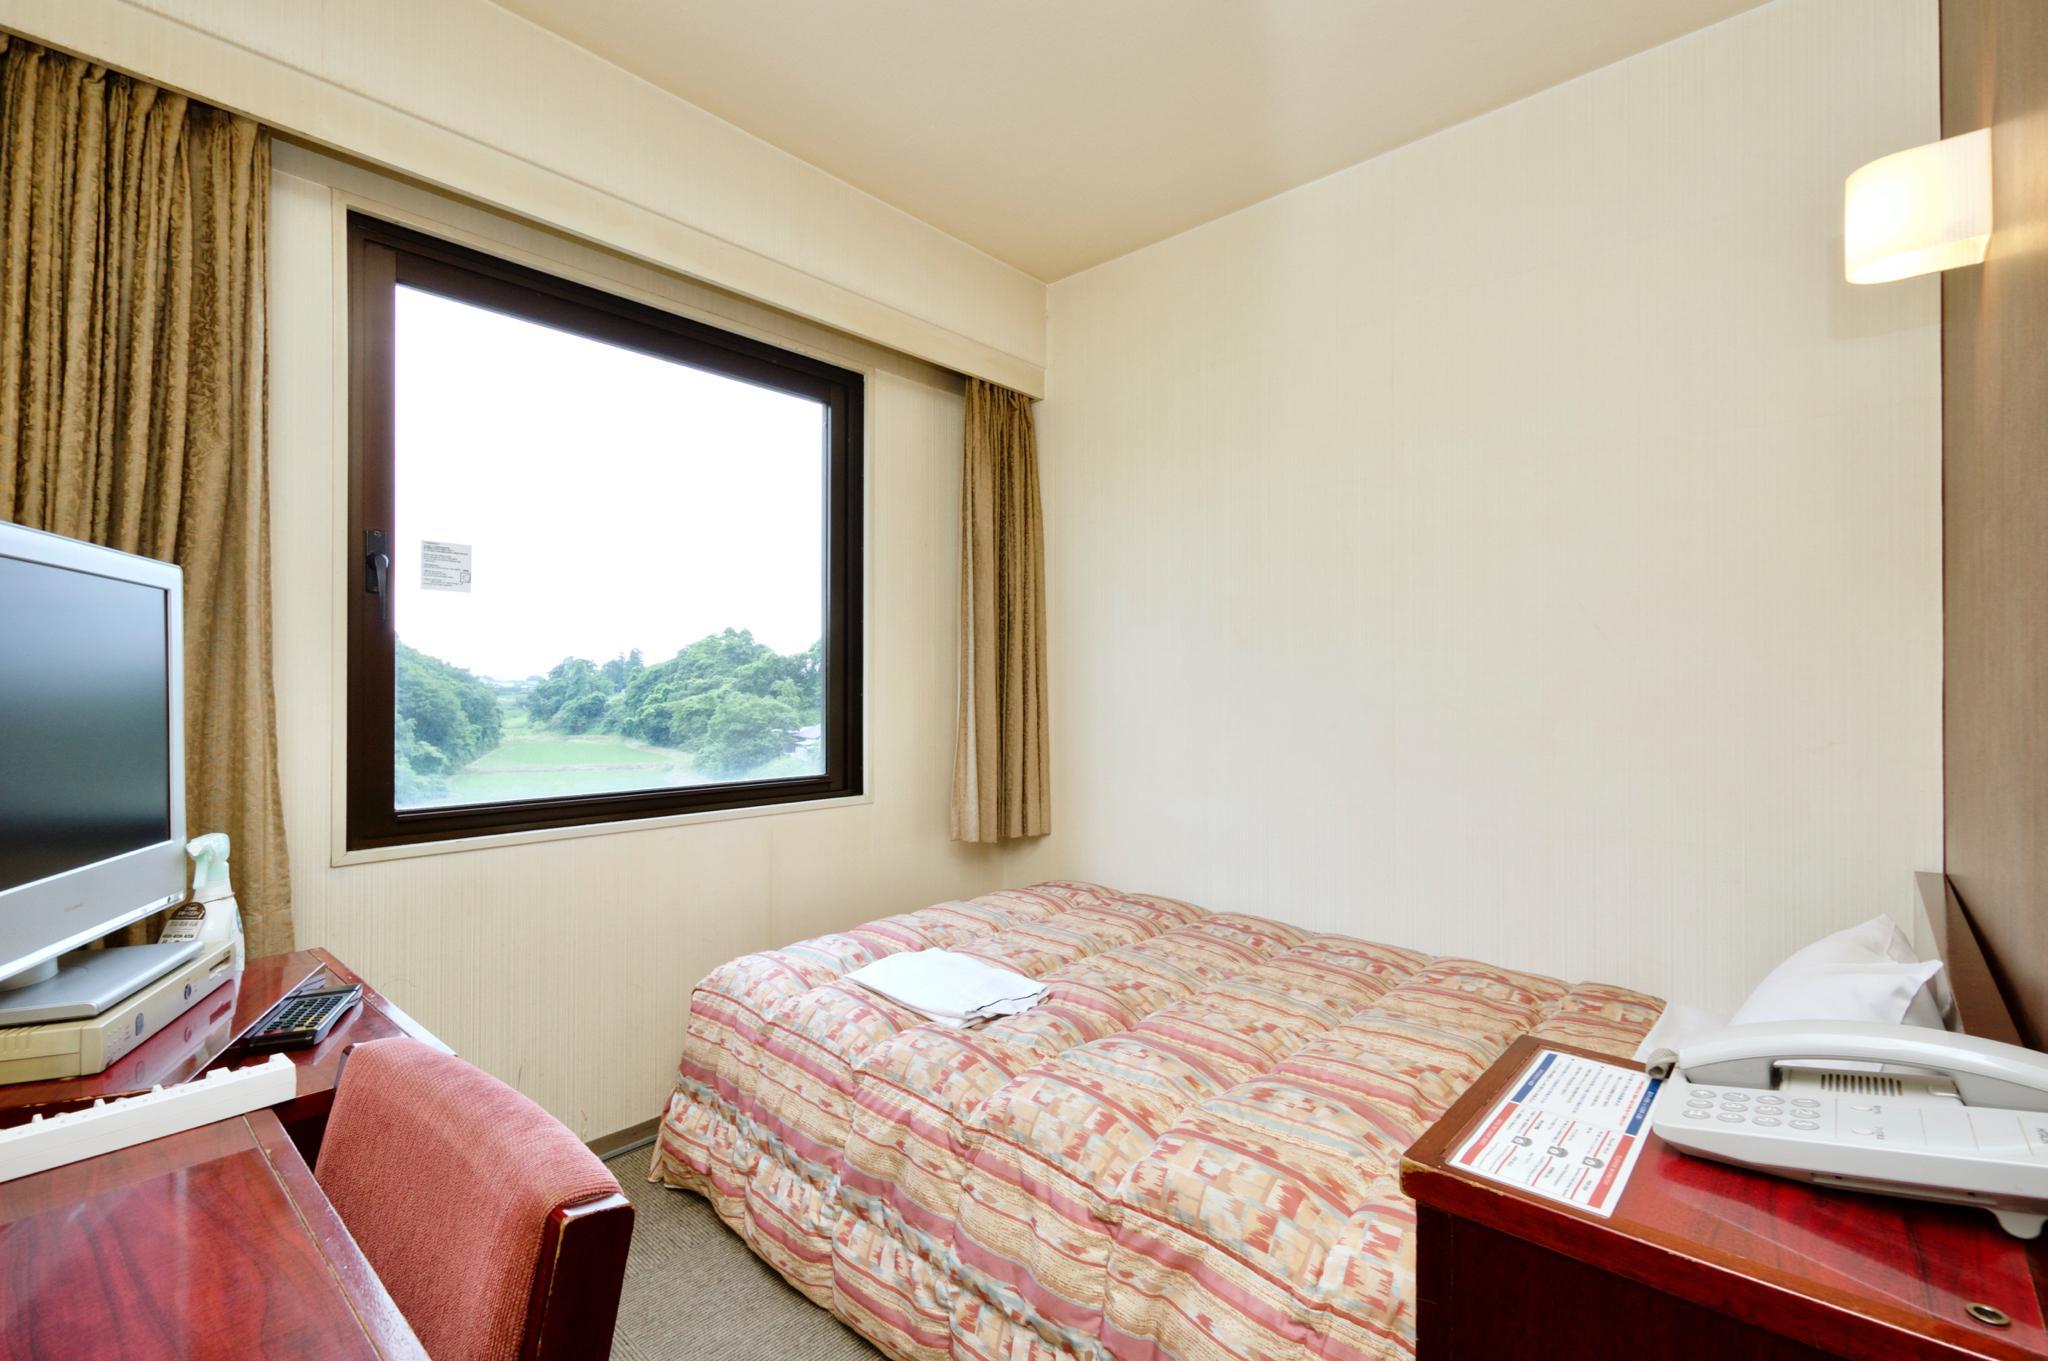 SkyHeart Hotel Narita, Narita